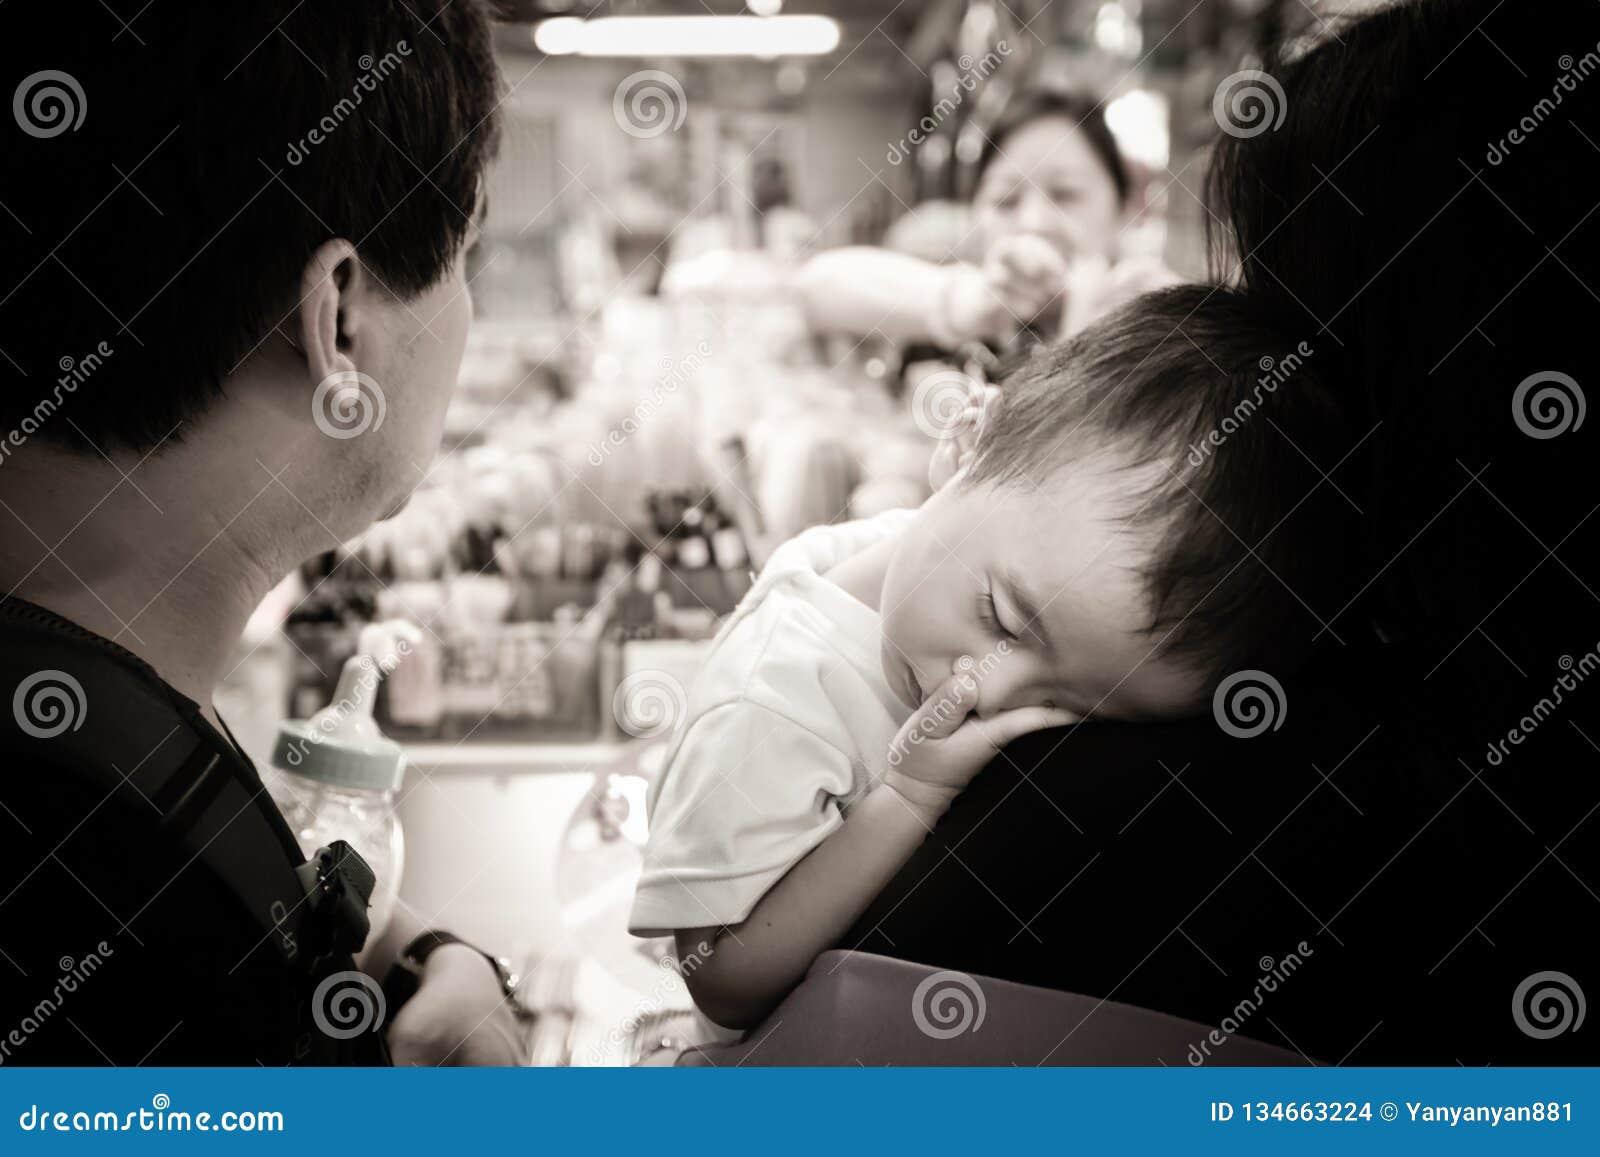 Il bambino stanco ritiene stanco e dorme sulla spalla di sua madre